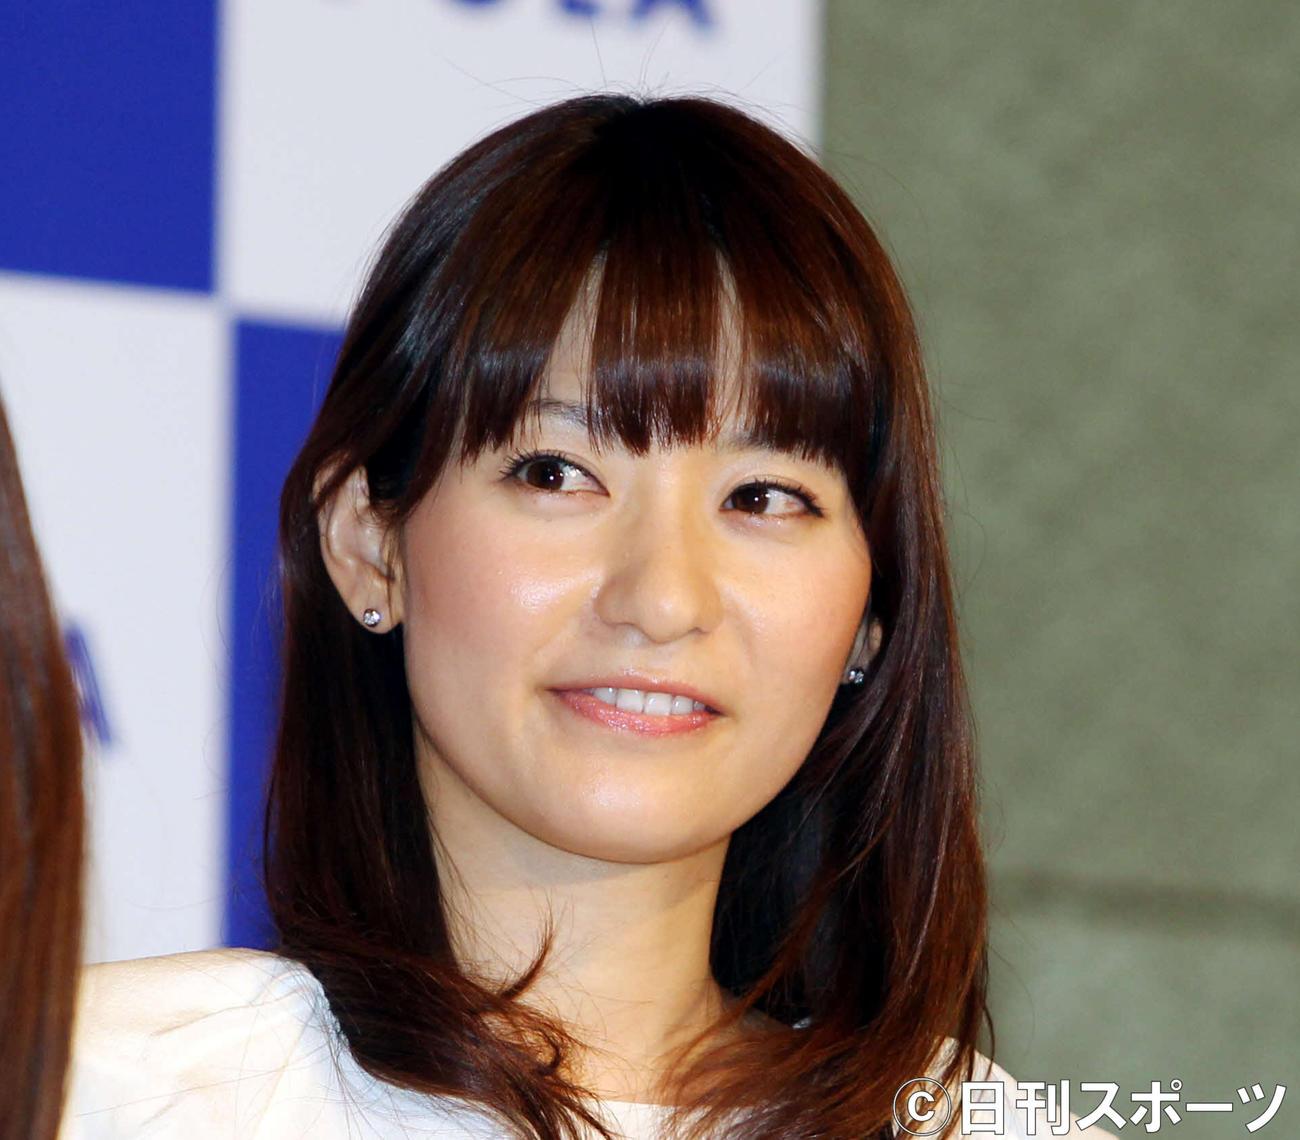 高樹千佳子さん(2010年3月撮影)